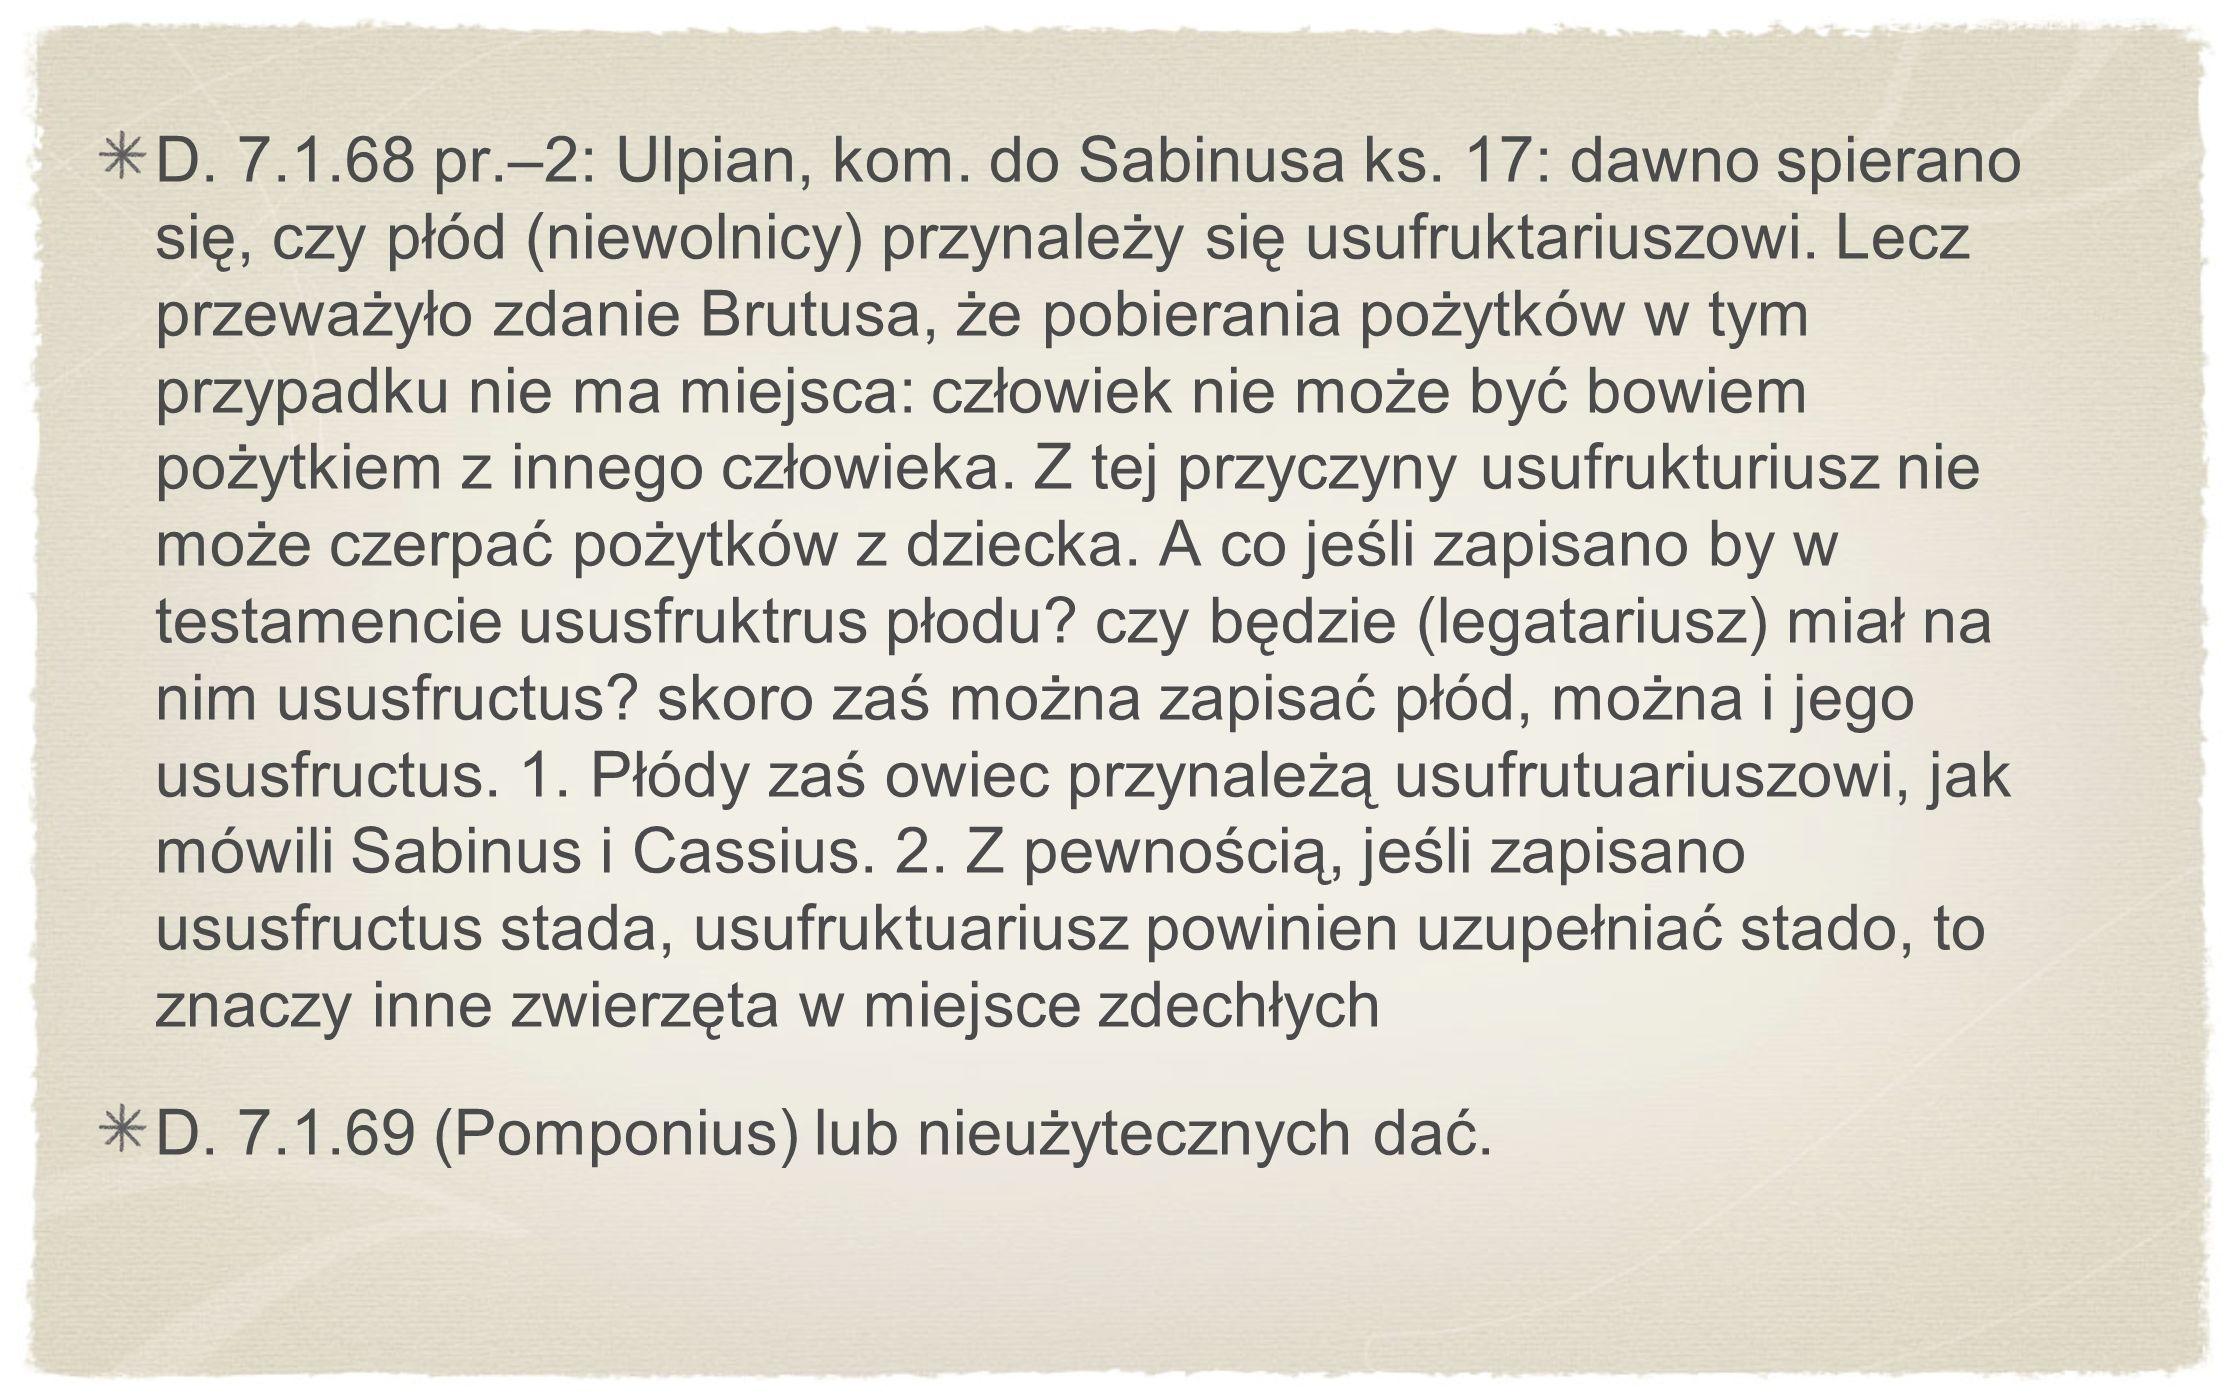 D. 7.1.68 pr.–2: Ulpian, kom. do Sabinusa ks. 17: dawno spierano się, czy płód (niewolnicy) przynależy się usufruktariuszowi. Lecz przeważyło zdanie B